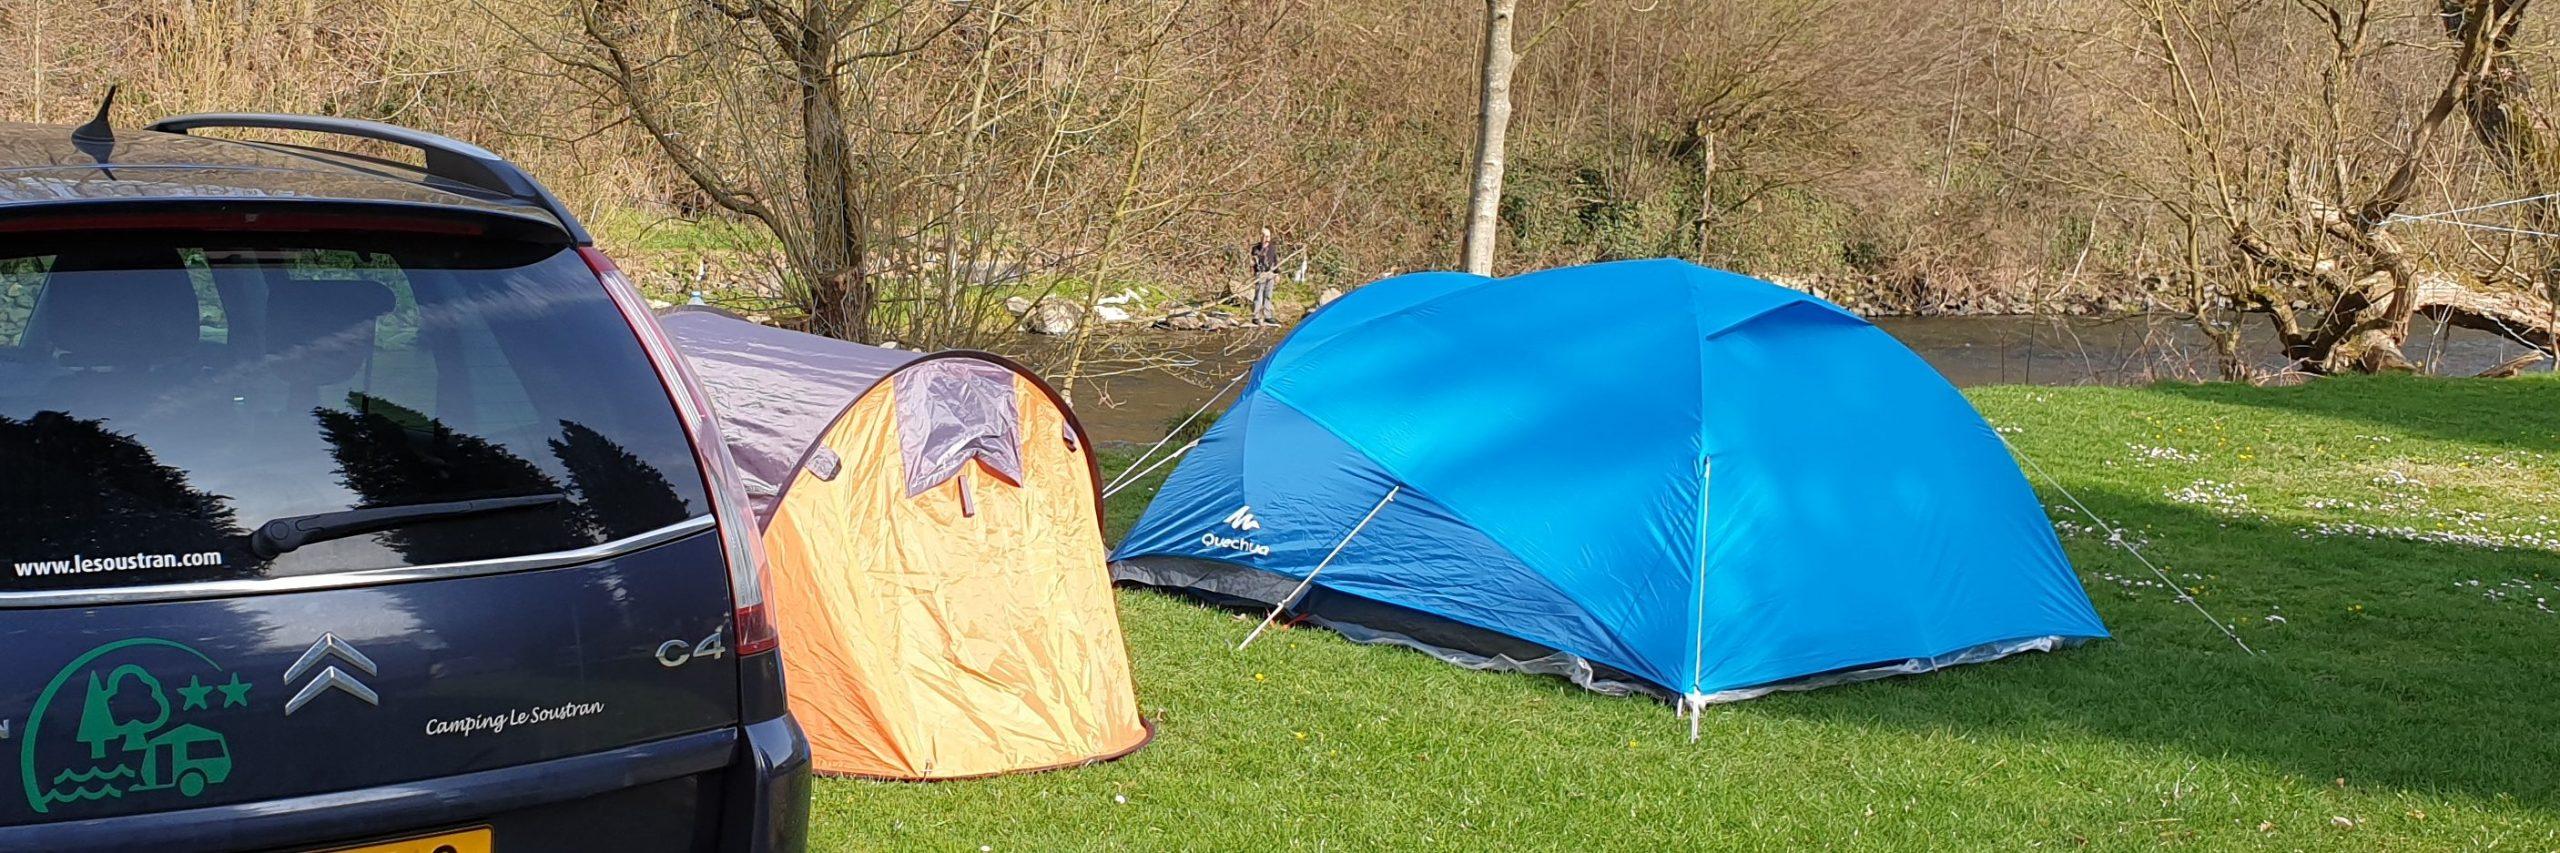 blog april 2019 Camping Correze